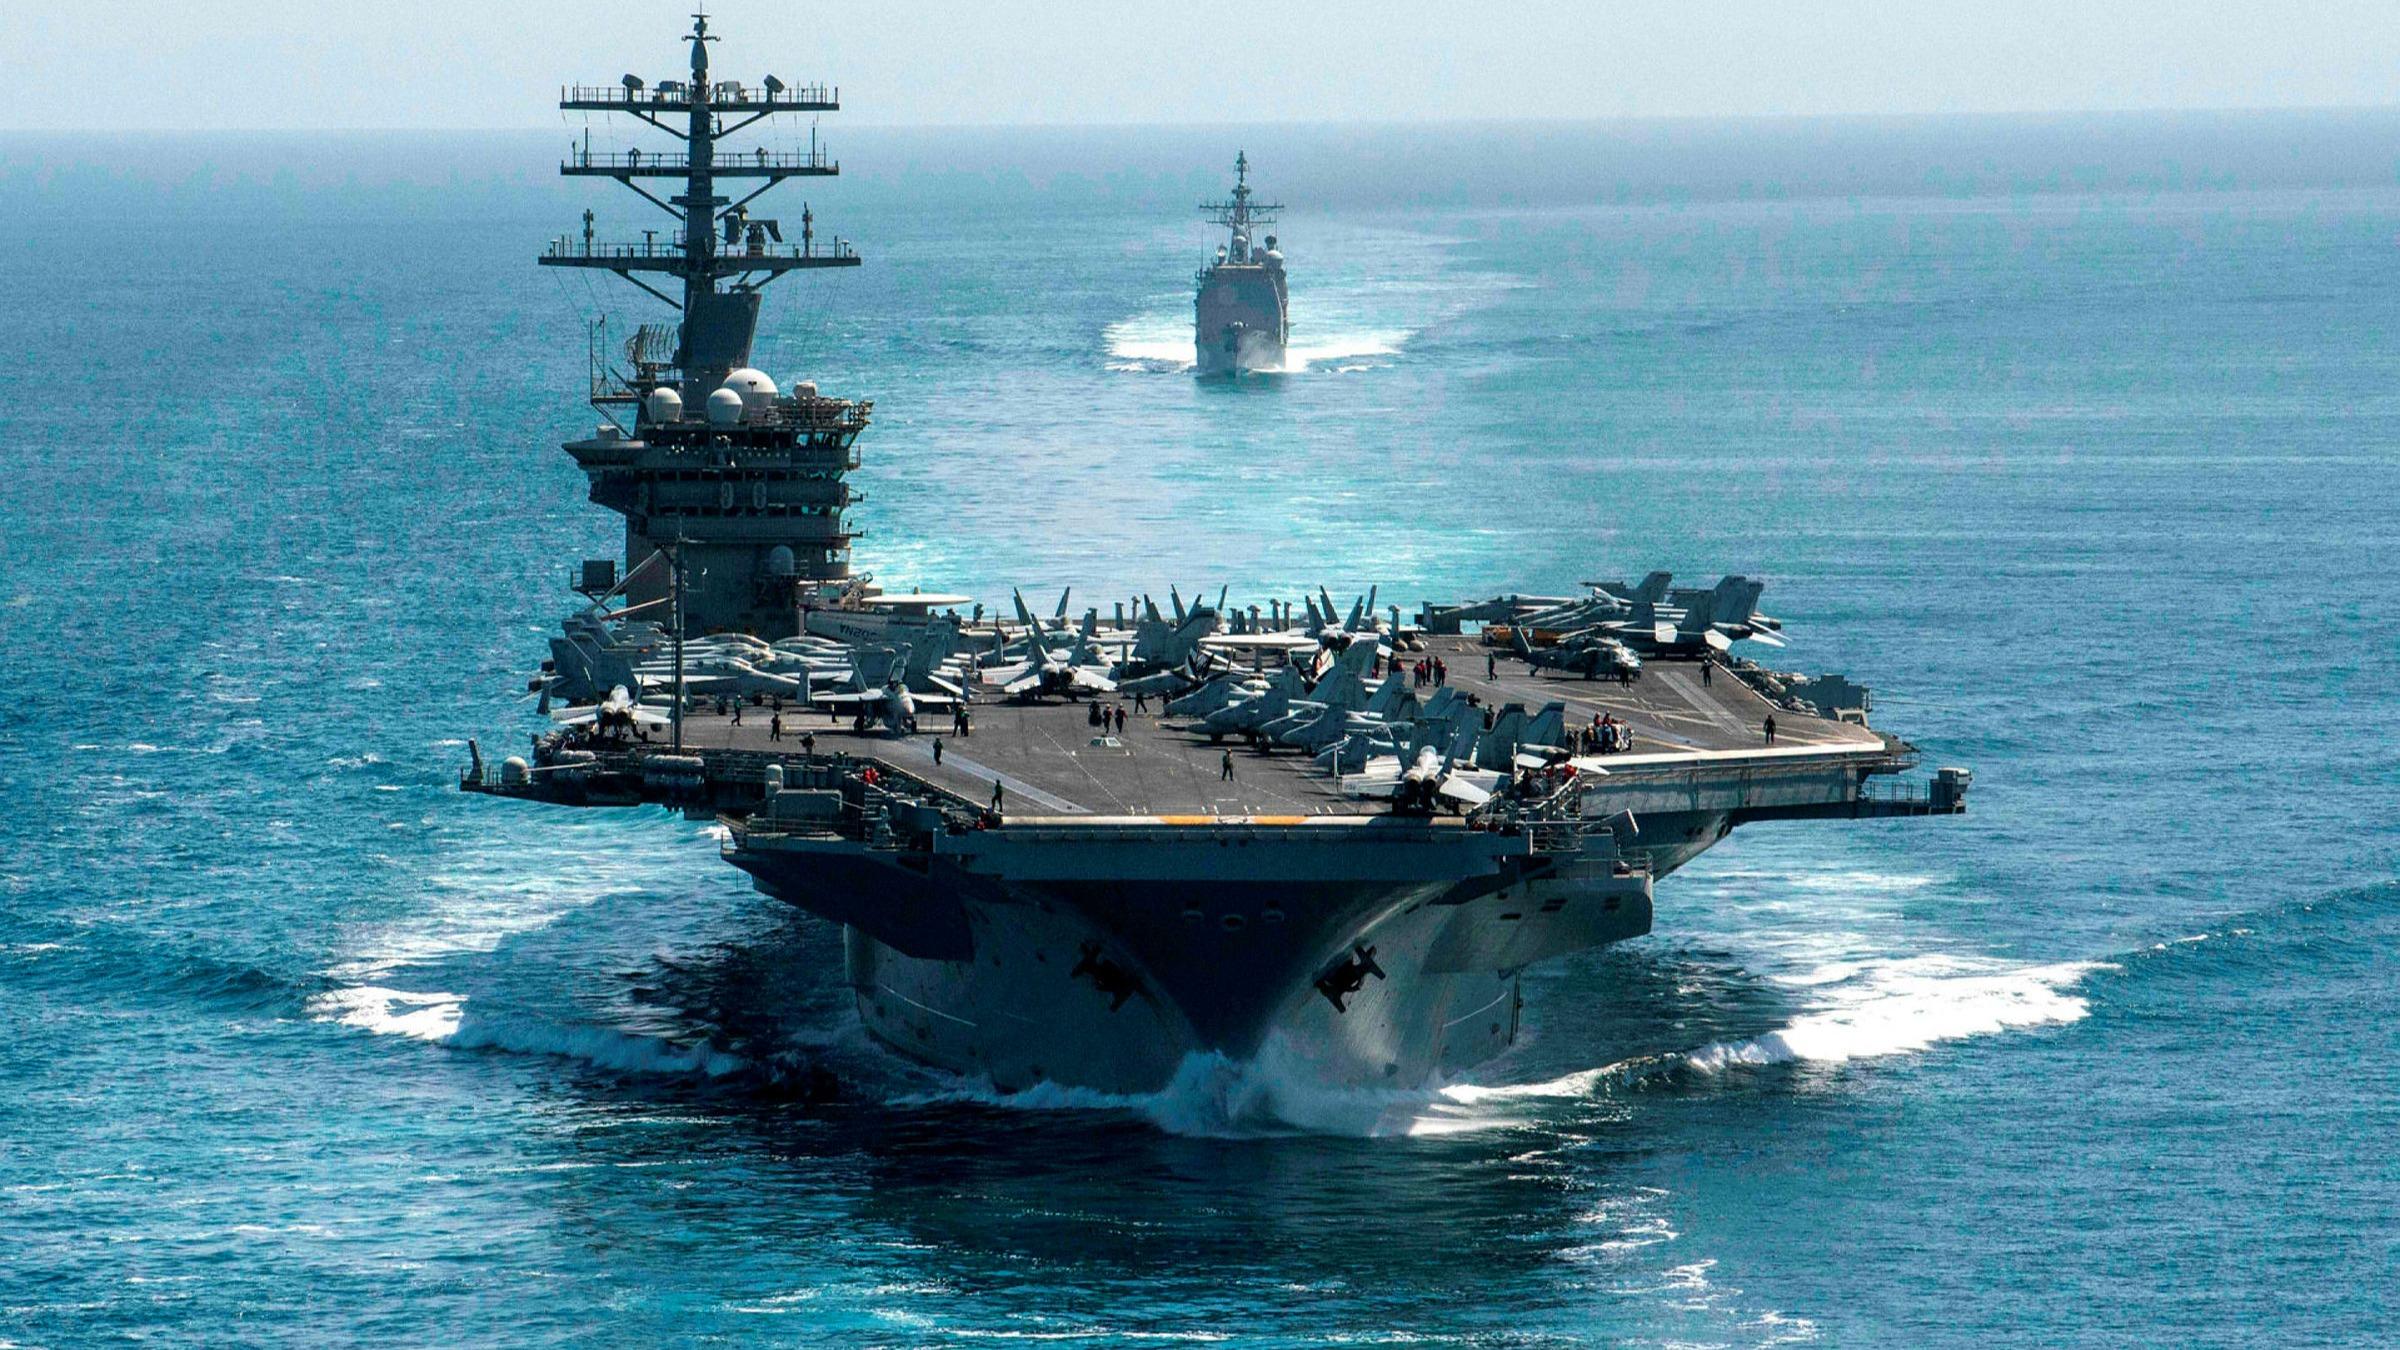 Le porte-avions américain USS Nimitz a participé à un rare exercice conjoint avec le porte-avions USS Roosevelt en mer de Chine du Sud, le 9 février 2021. (Source : FT)